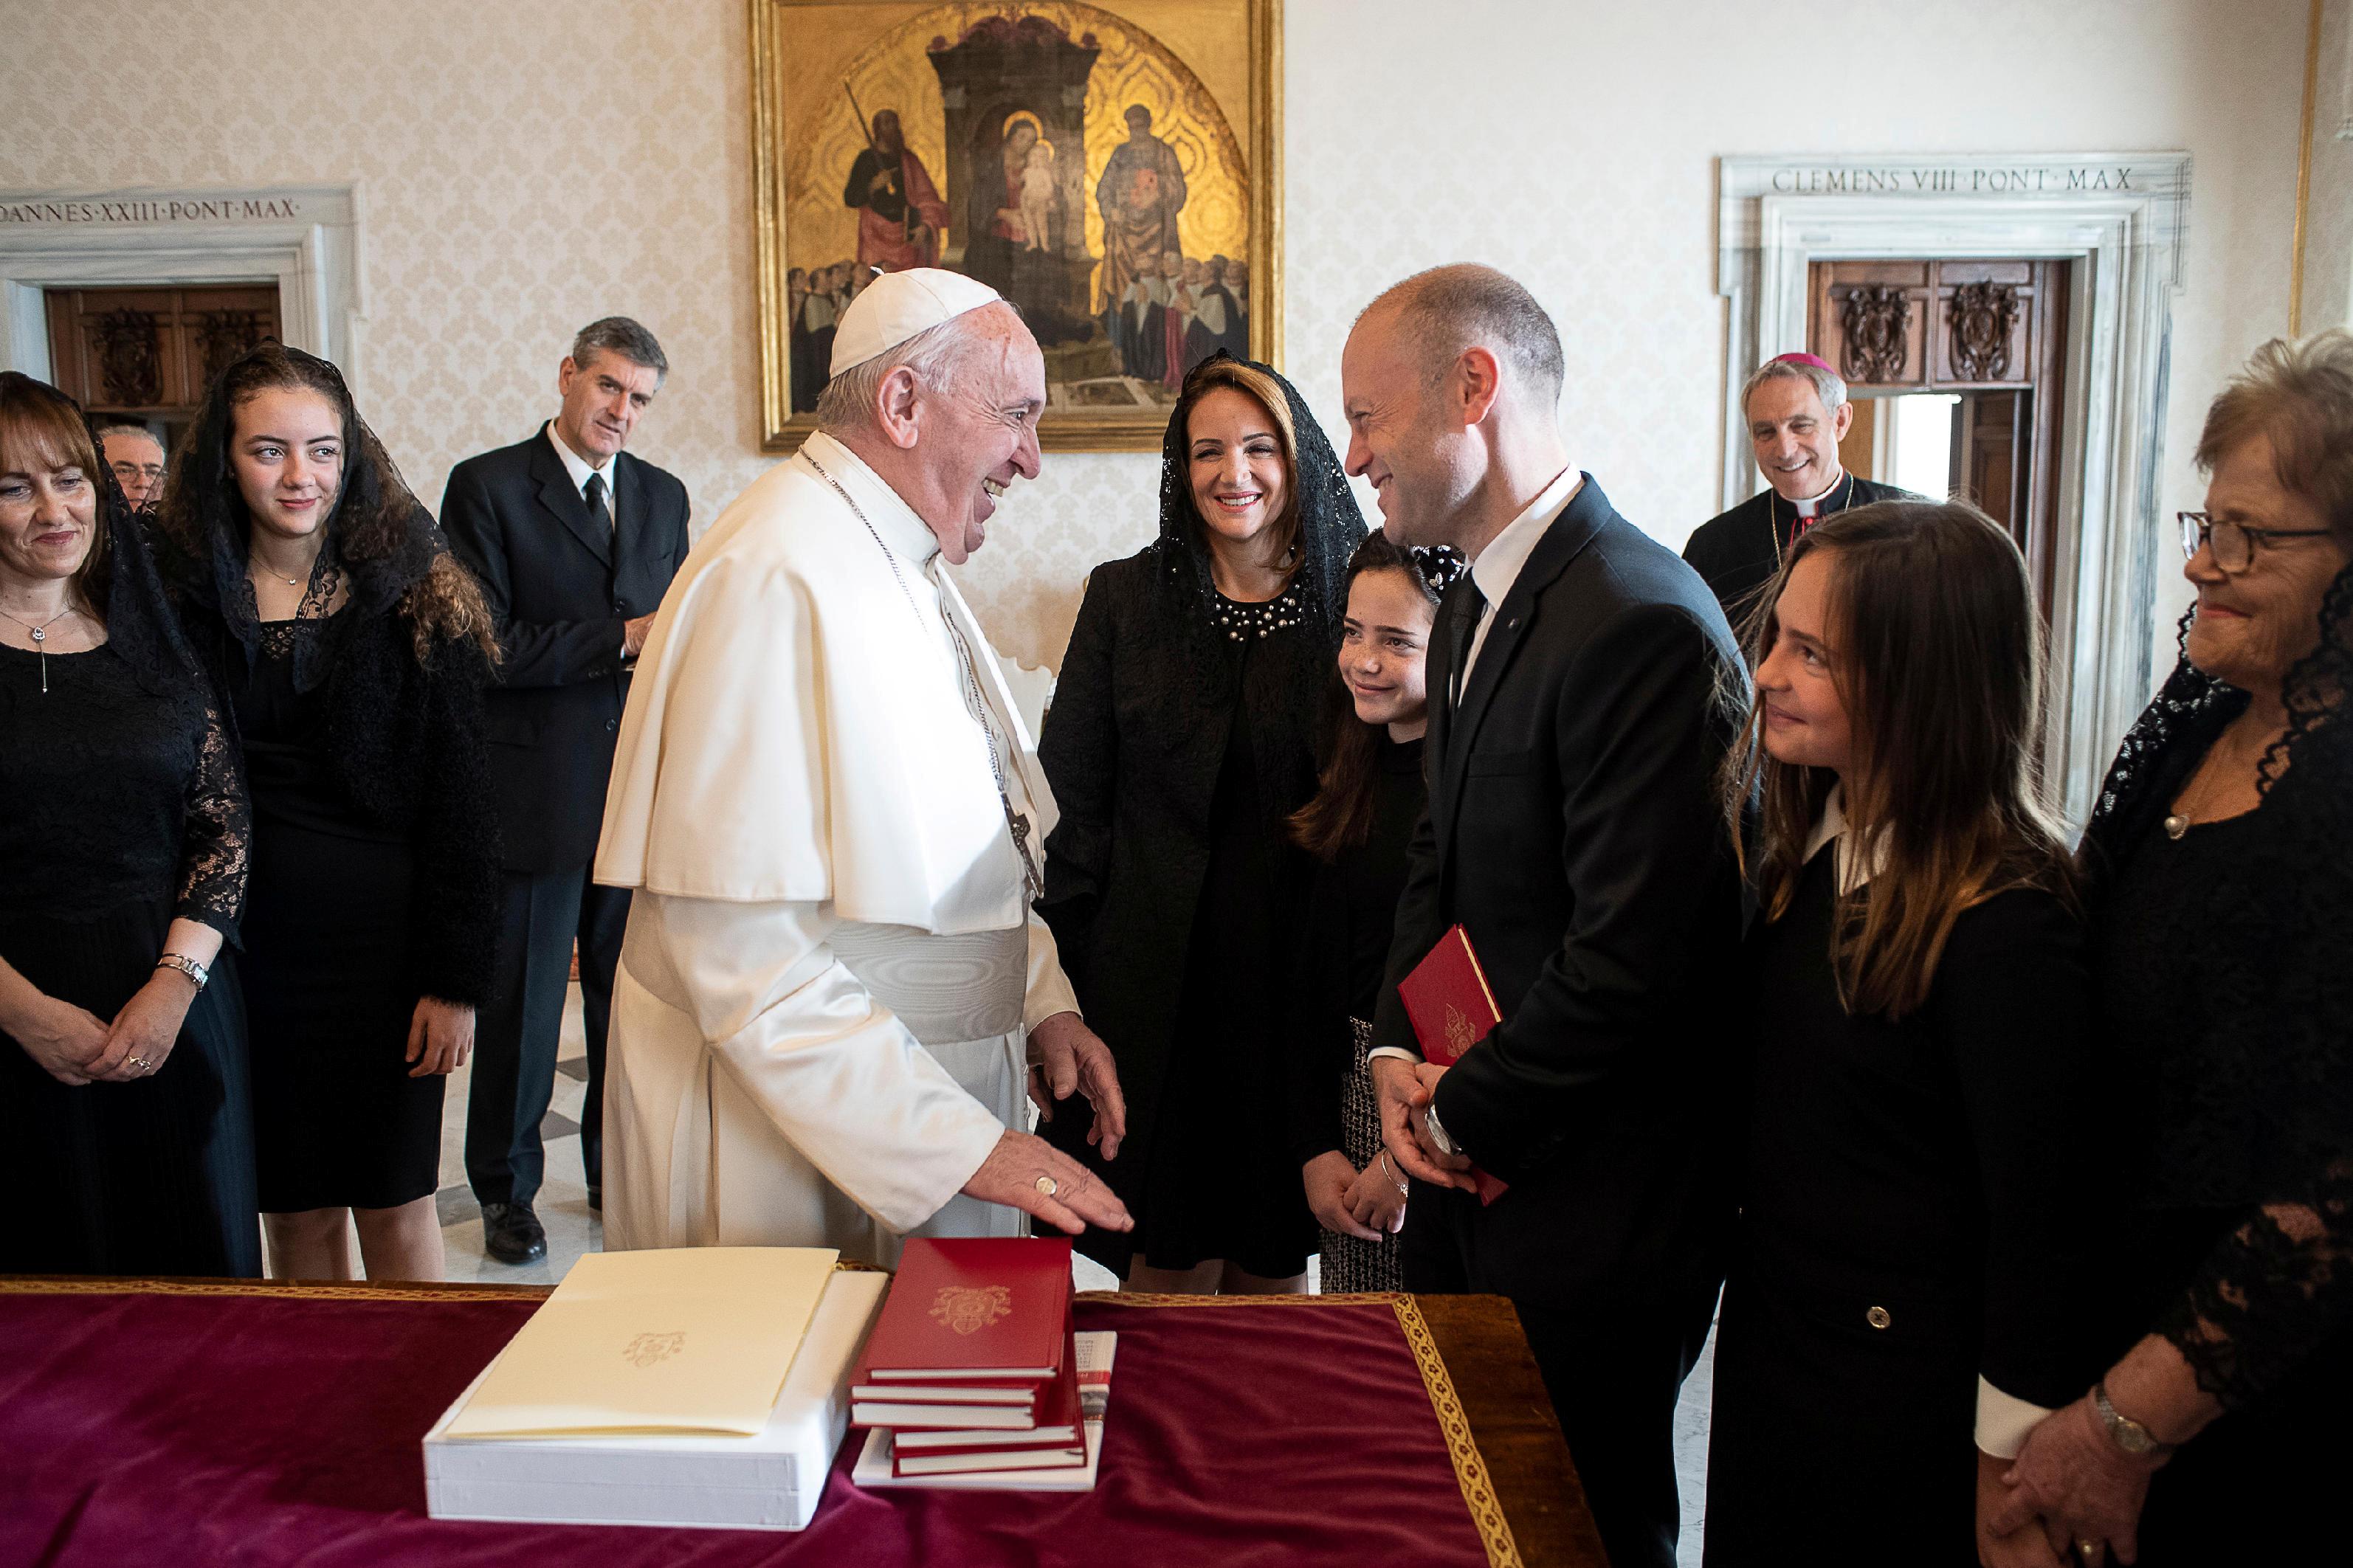 Ο πάπας Φραγκίσκος δέχτηκε τον πρωθυπουργό της Μάλτας, παρά τις αντιδράσεις